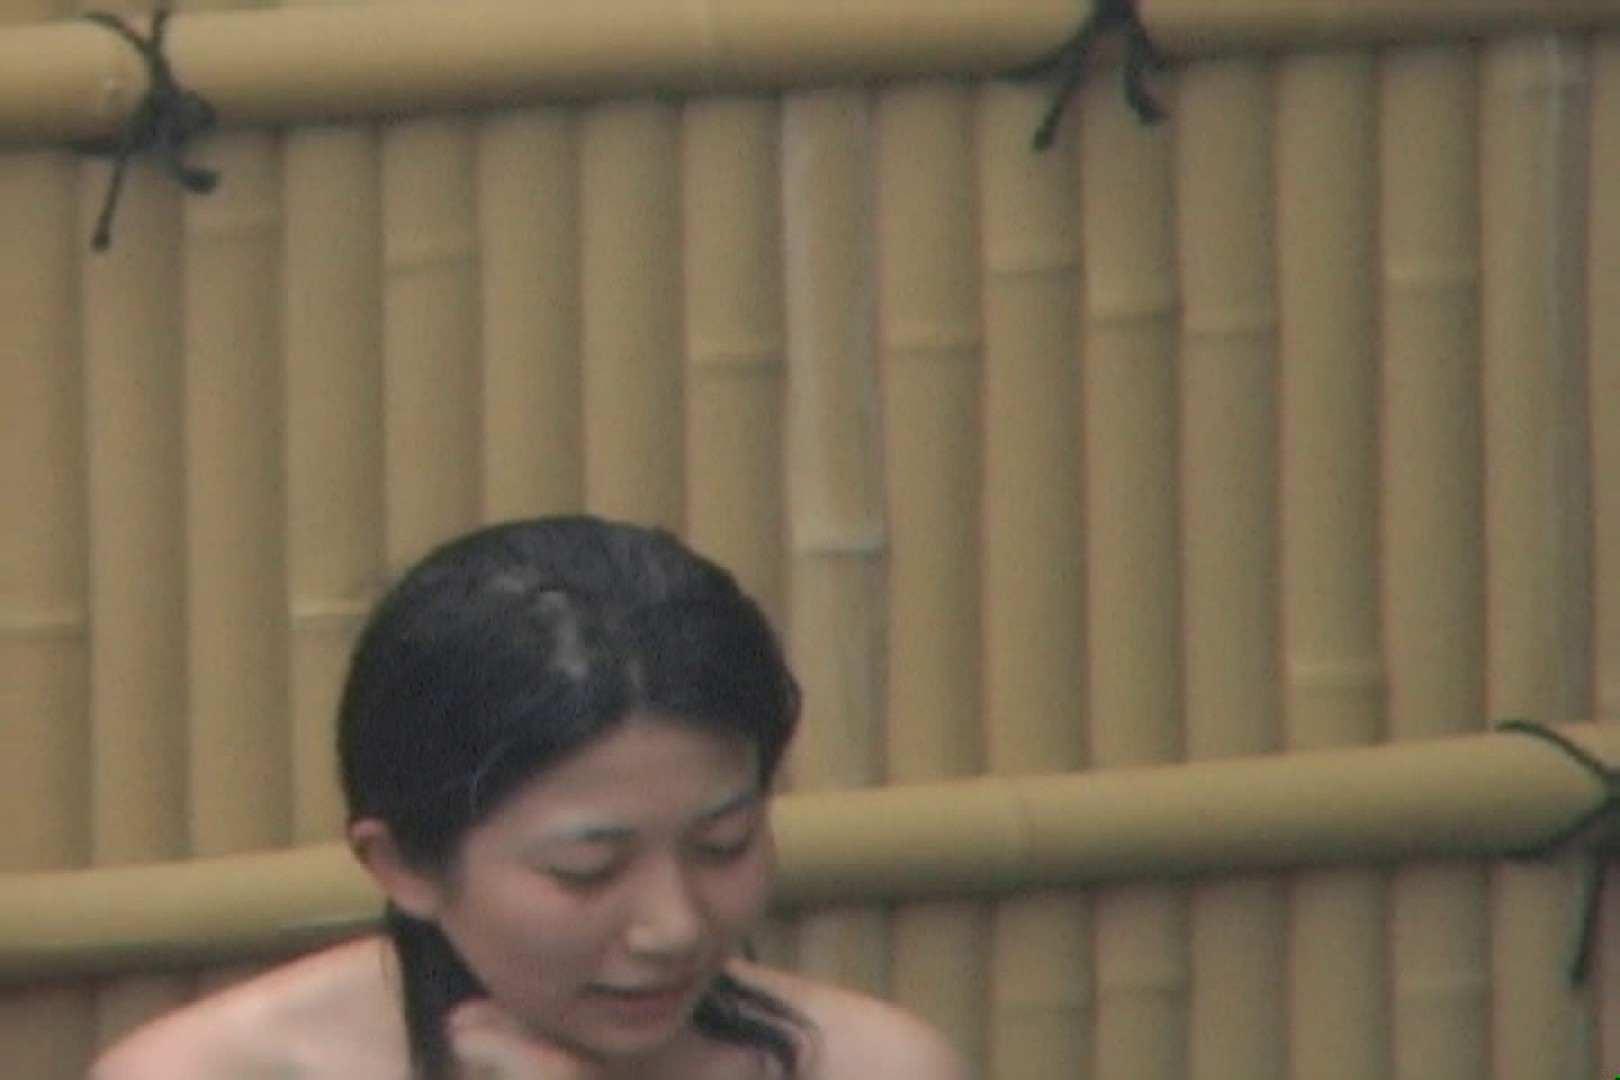 Aquaな露天風呂Vol.43【VIP限定】 露天風呂突入 覗きおまんこ画像 74pic 65